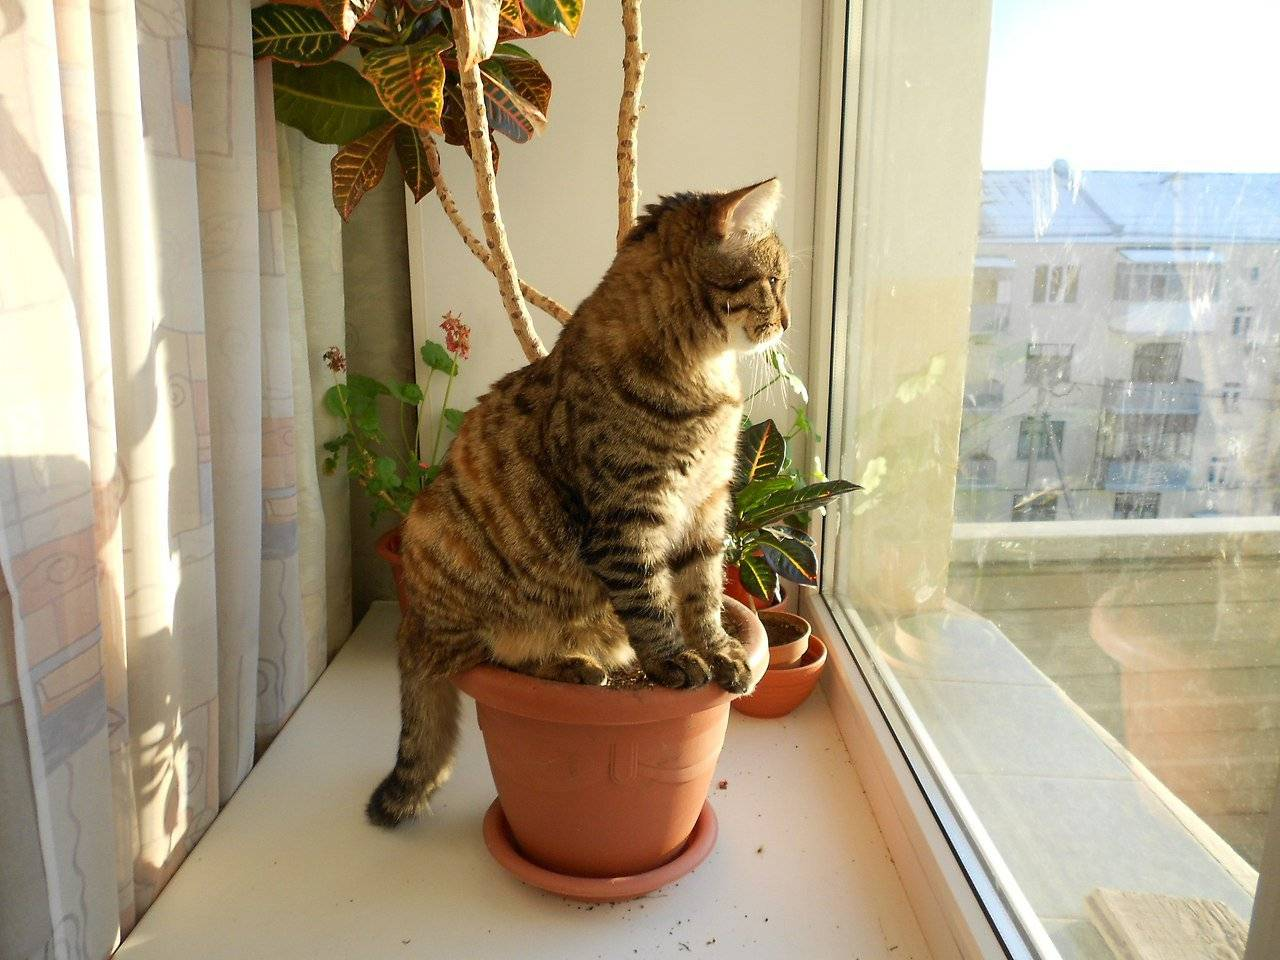 4 причины почему кошка ест землю и чем это опасно 4 причины почему кошка ест землю и чем это опасно